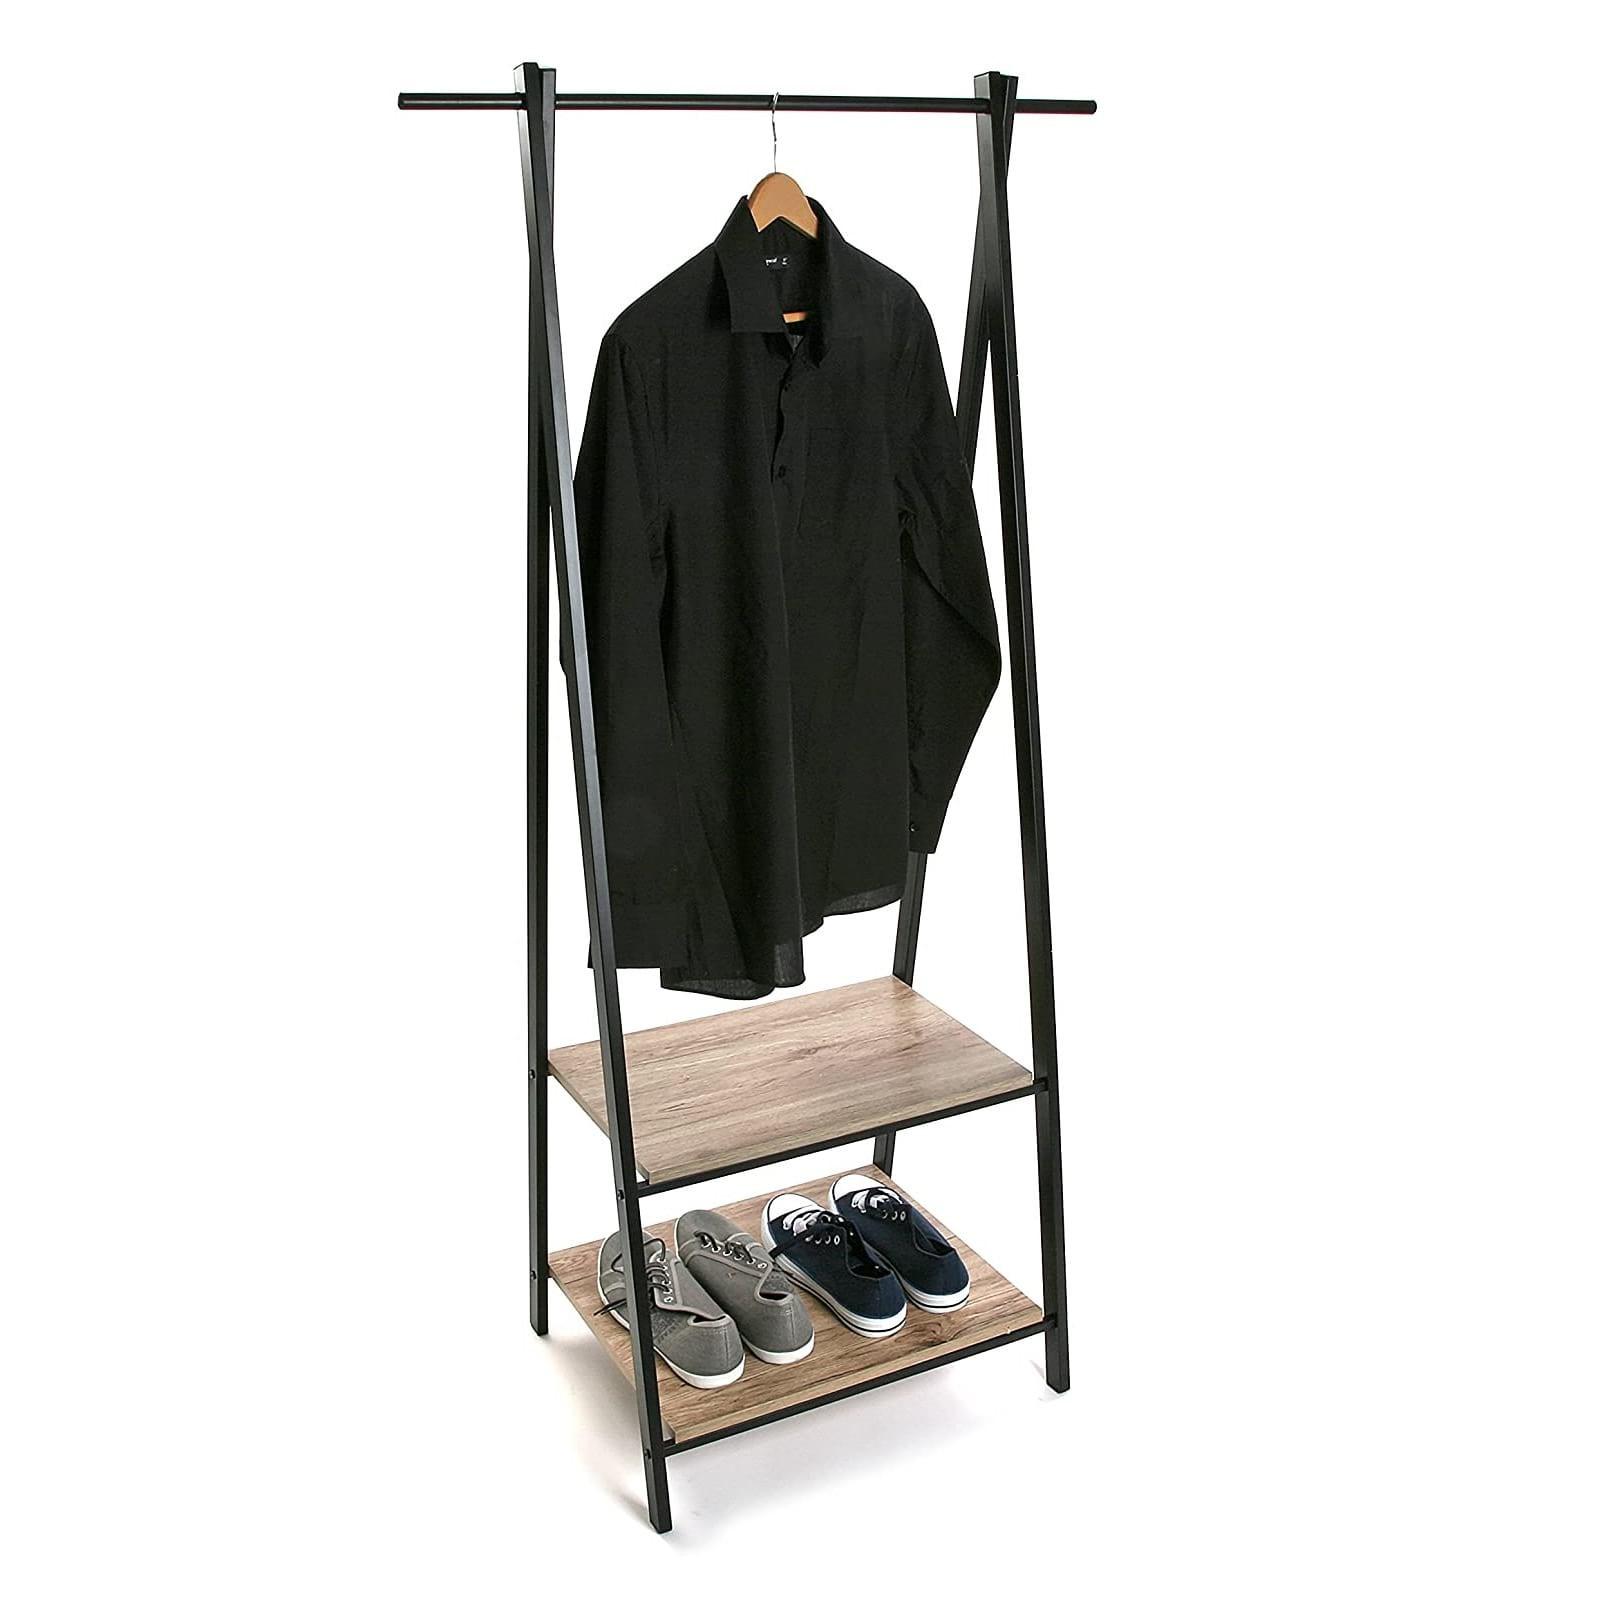 ALZ Coat Rack with Shelves (Metal / Wood) - Versa